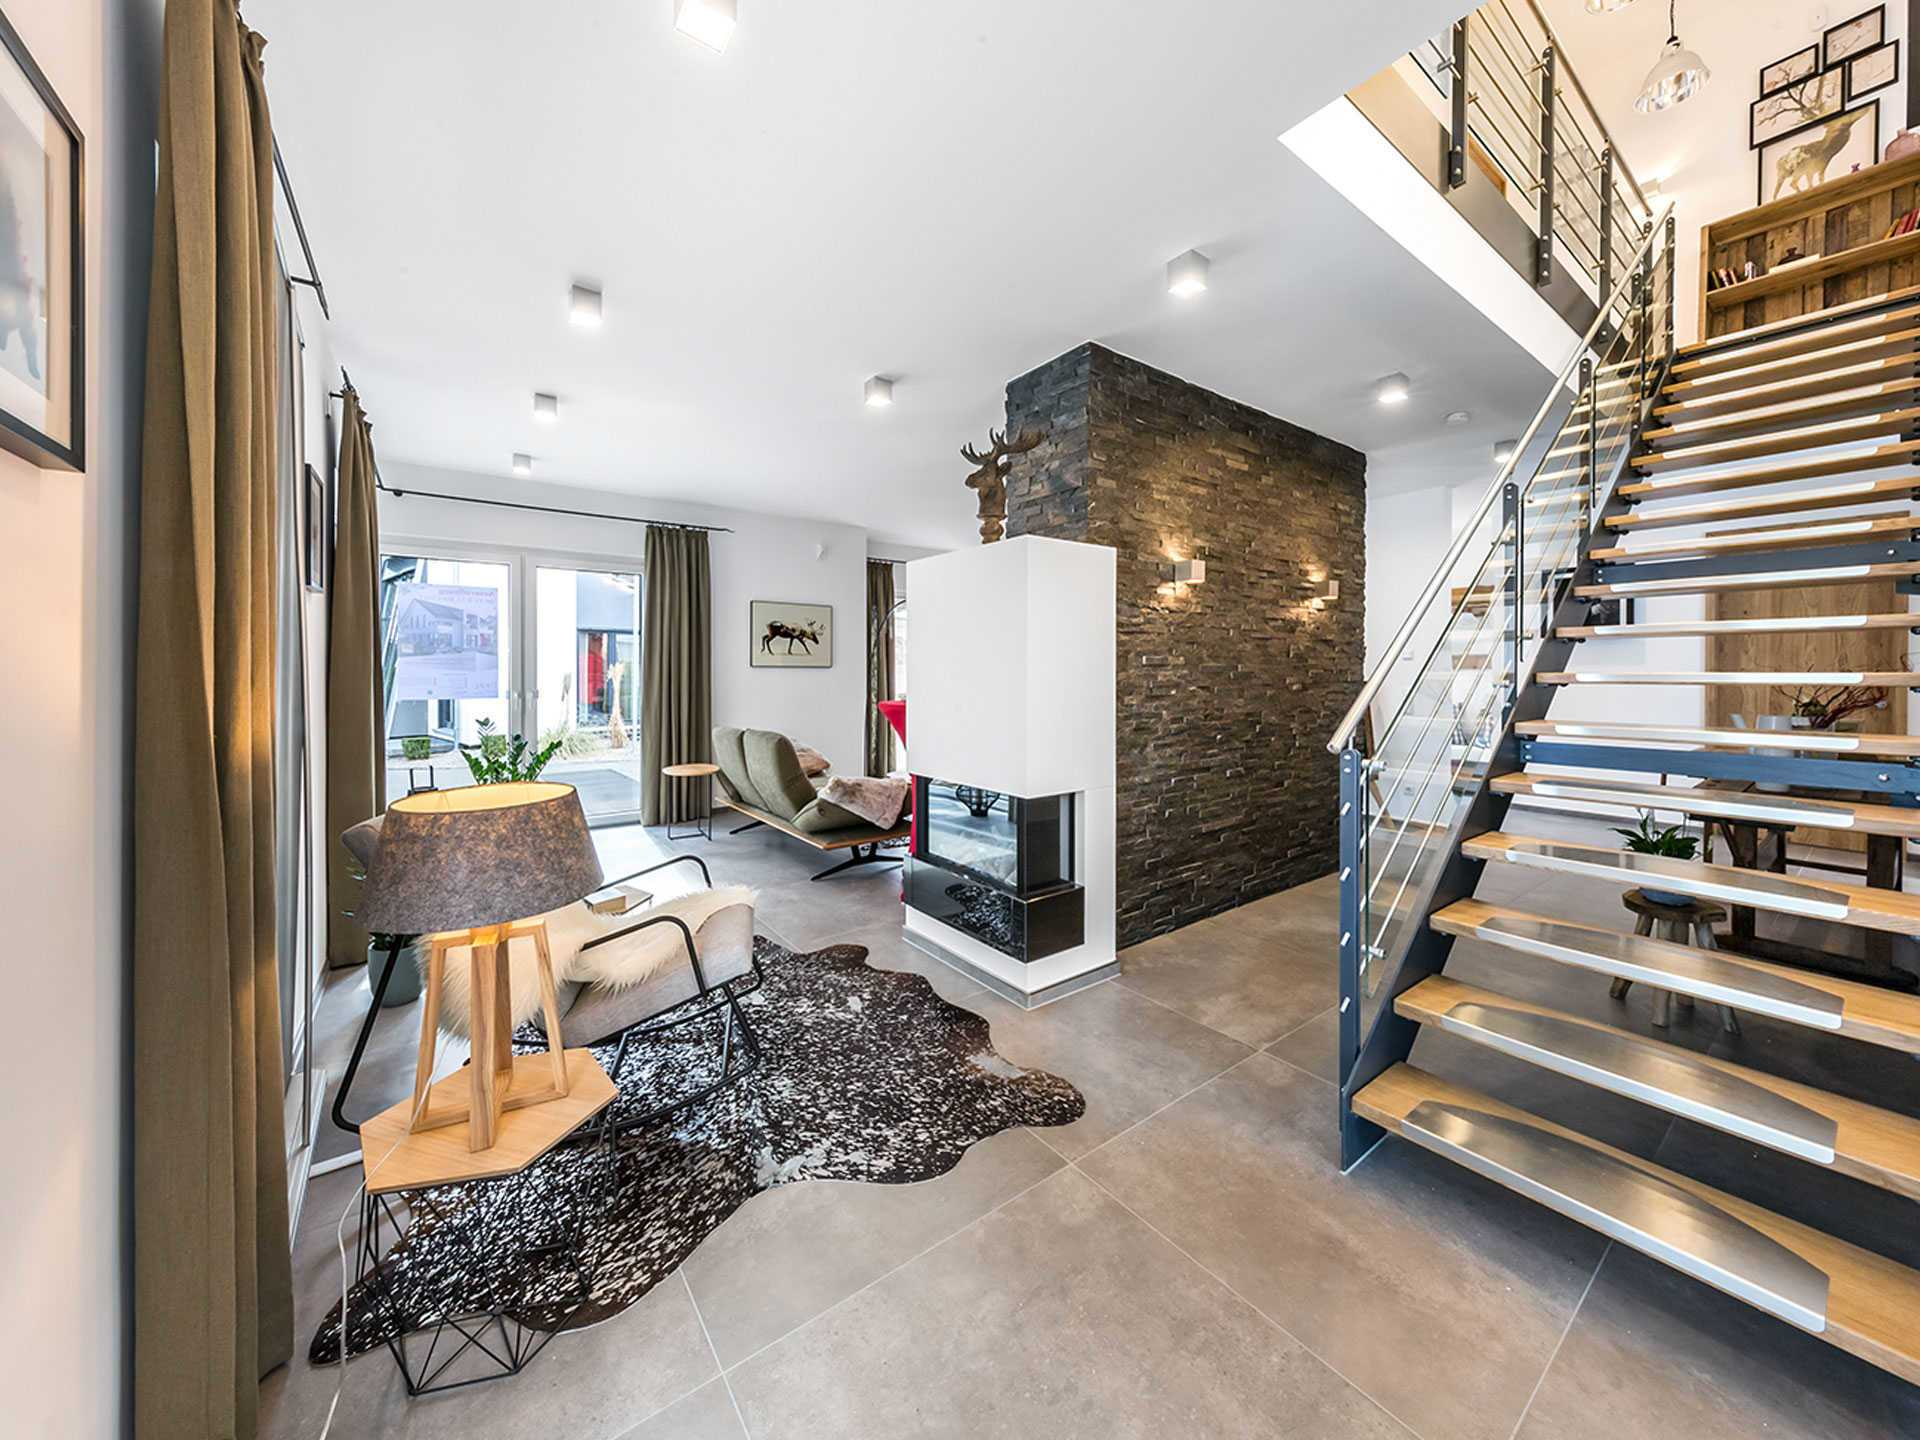 Musterhaus fellbach mit zwerchgiebel und balkon okal for Muster einfamilienhaus